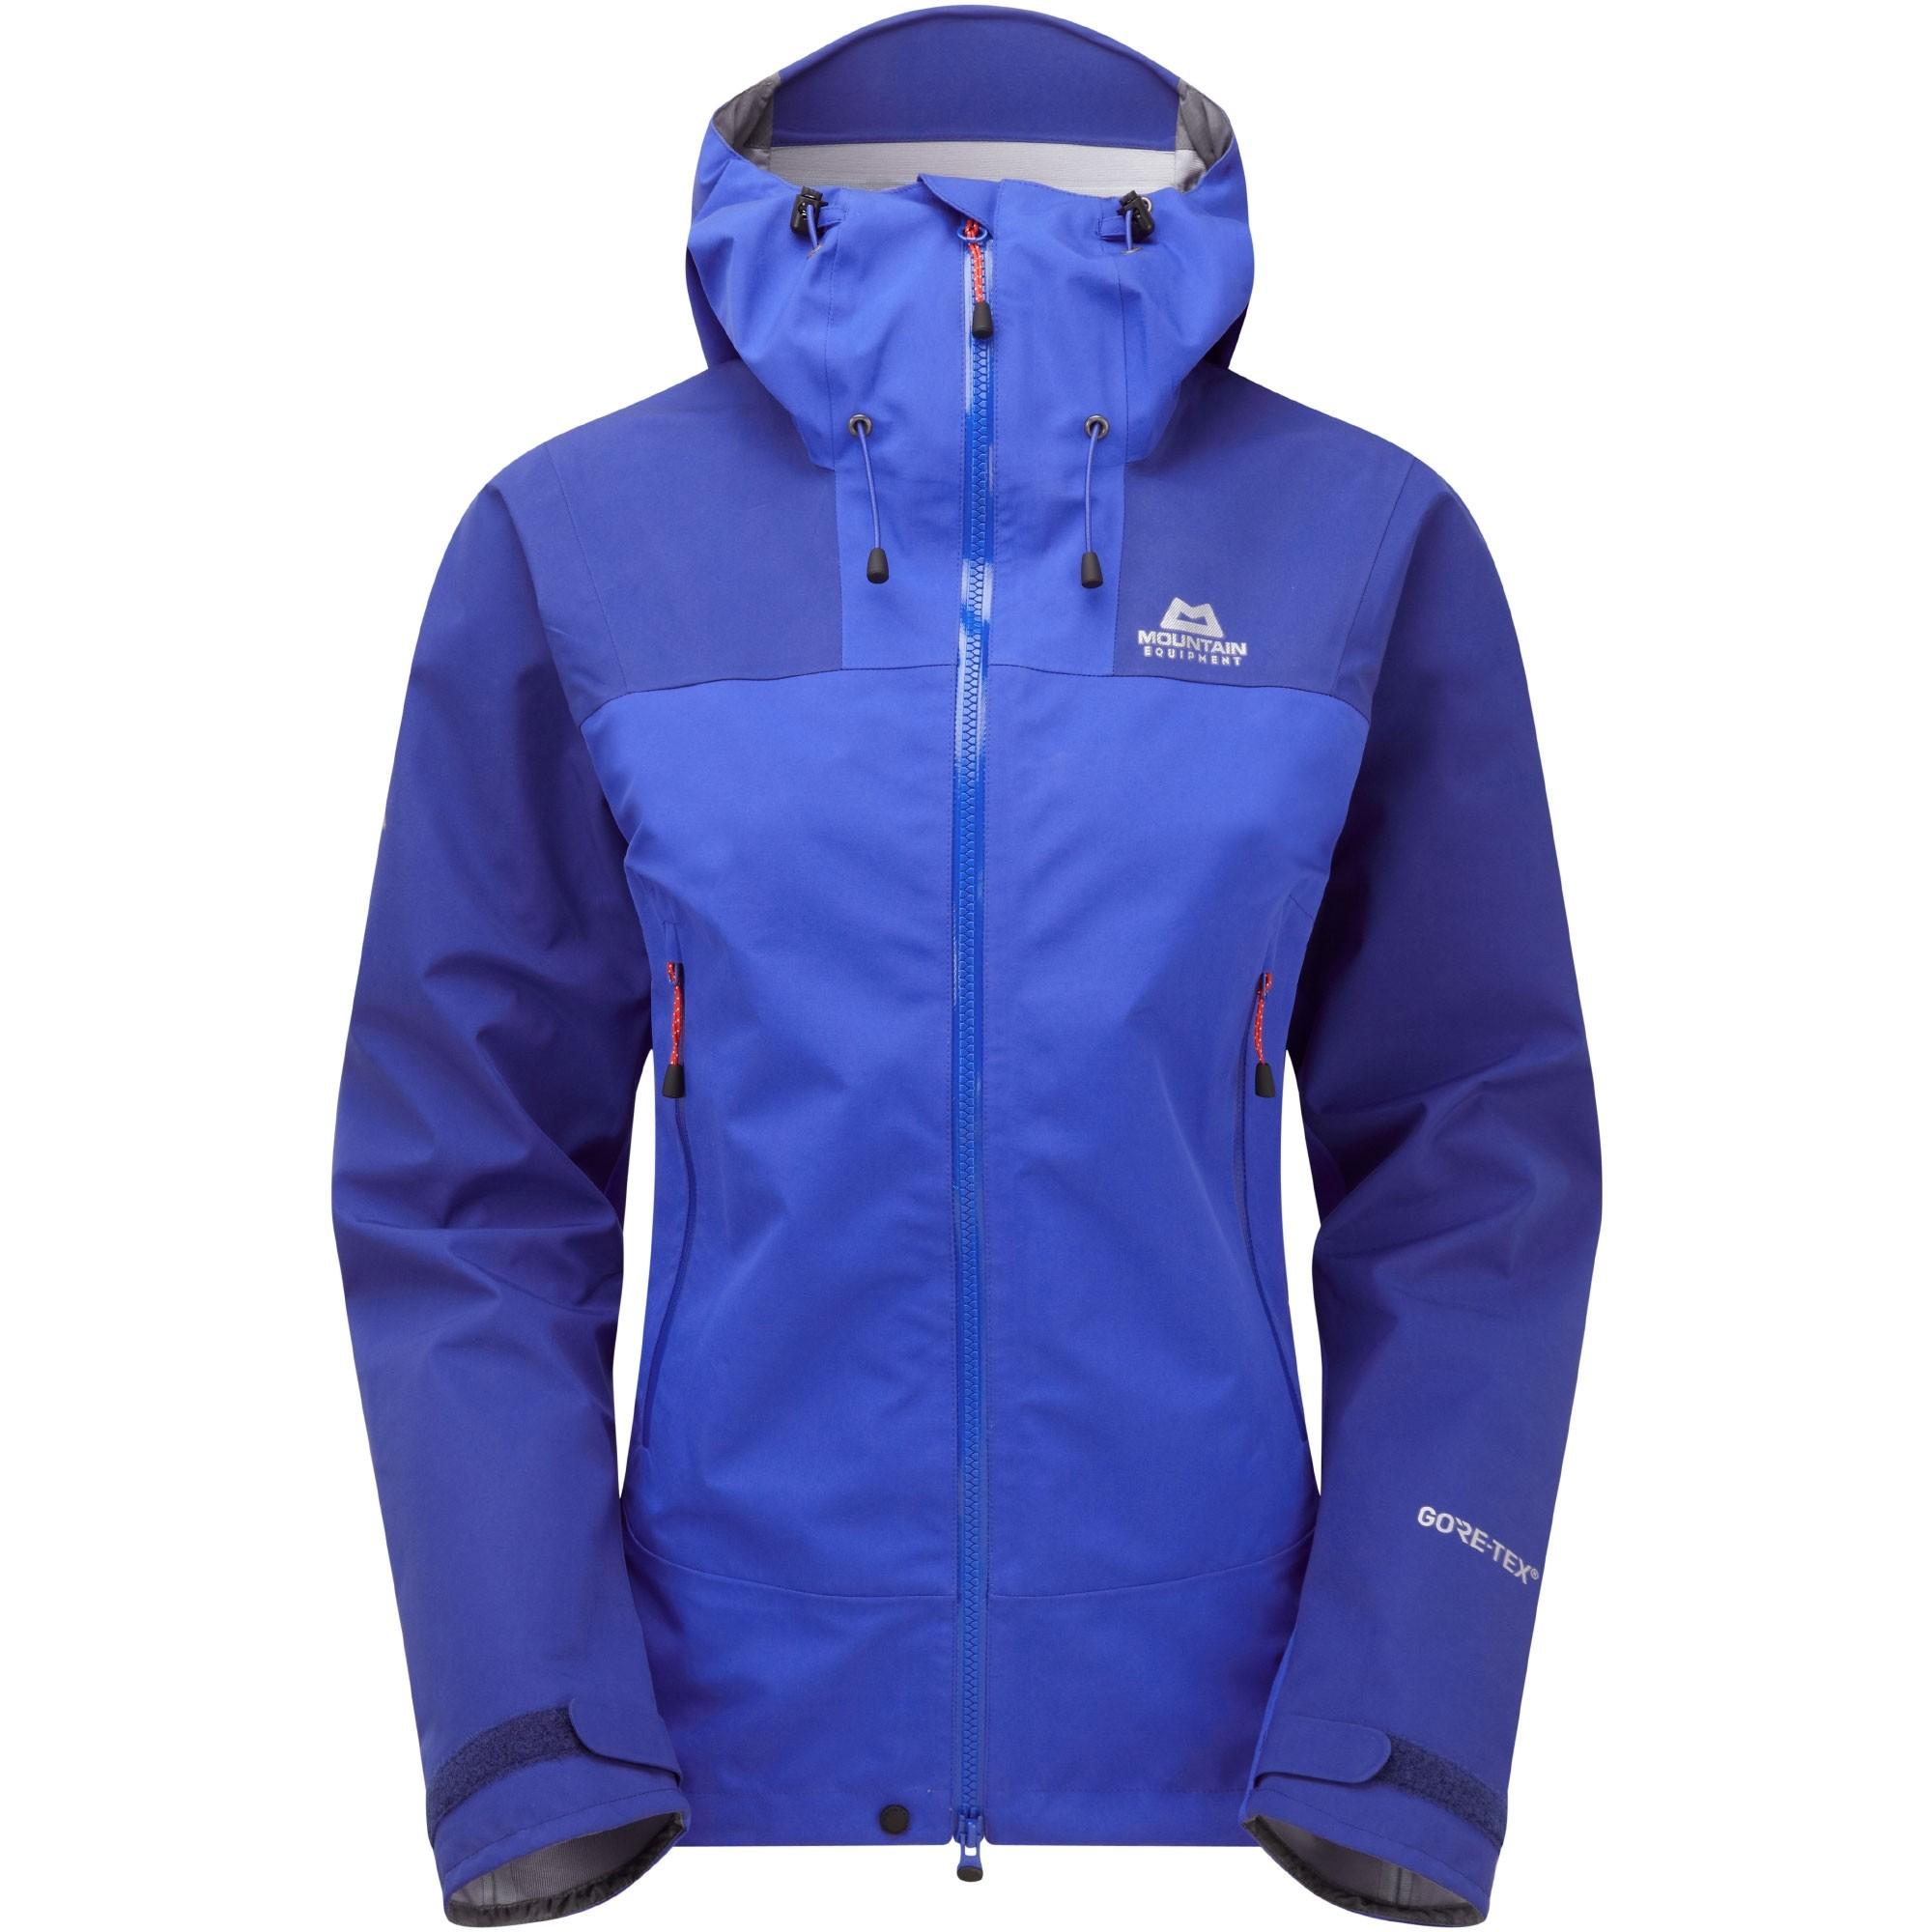 Mountain Equipment Women's Rupal Jacket - Celestial Blue/Cobalt